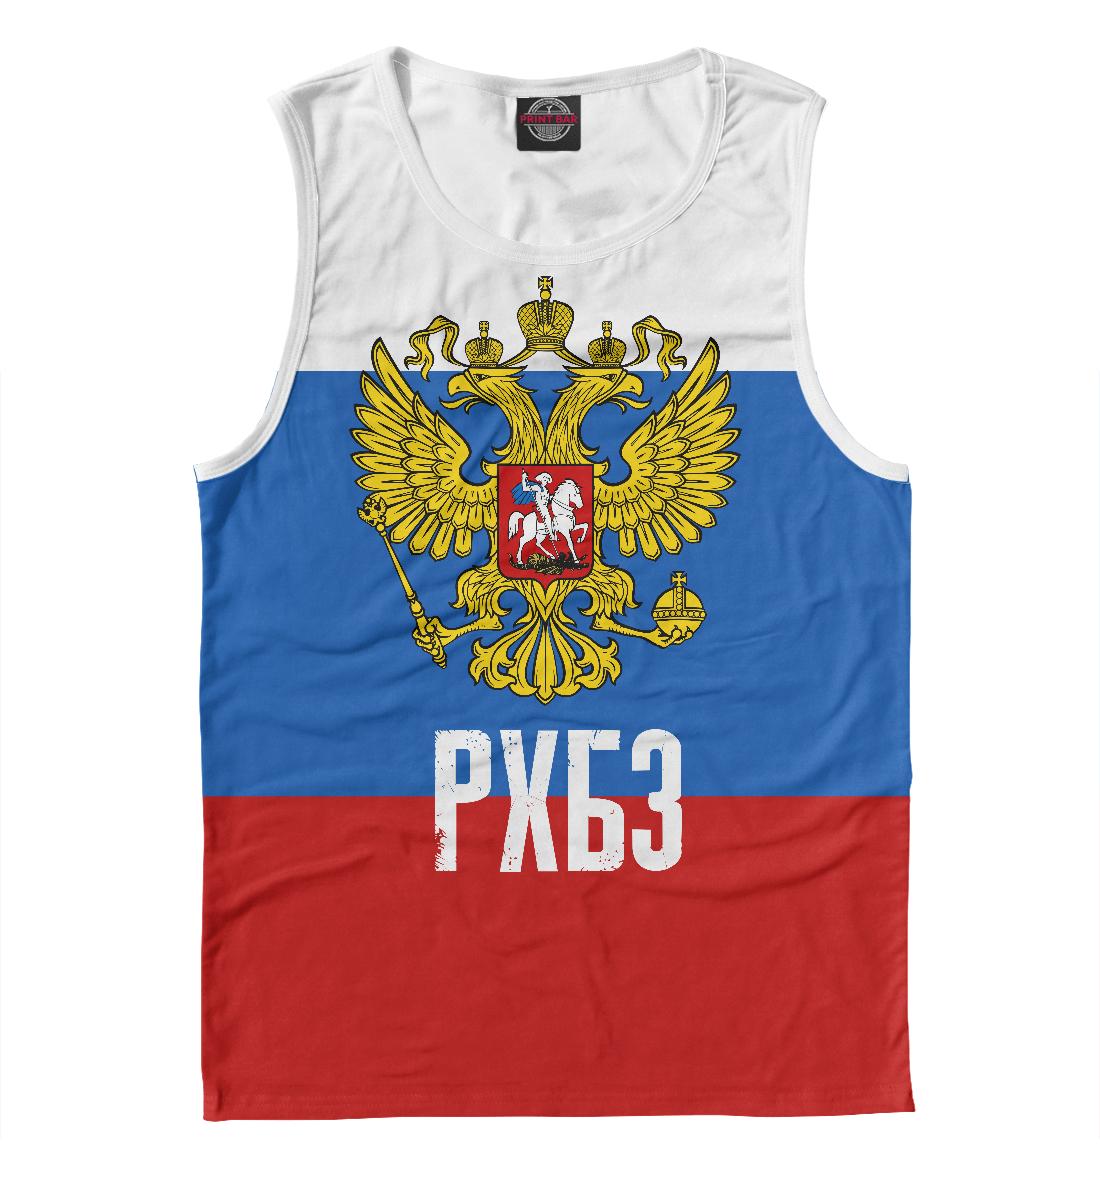 Купить РХБЗ, Printbar, Майки, RHB-671172-may-2